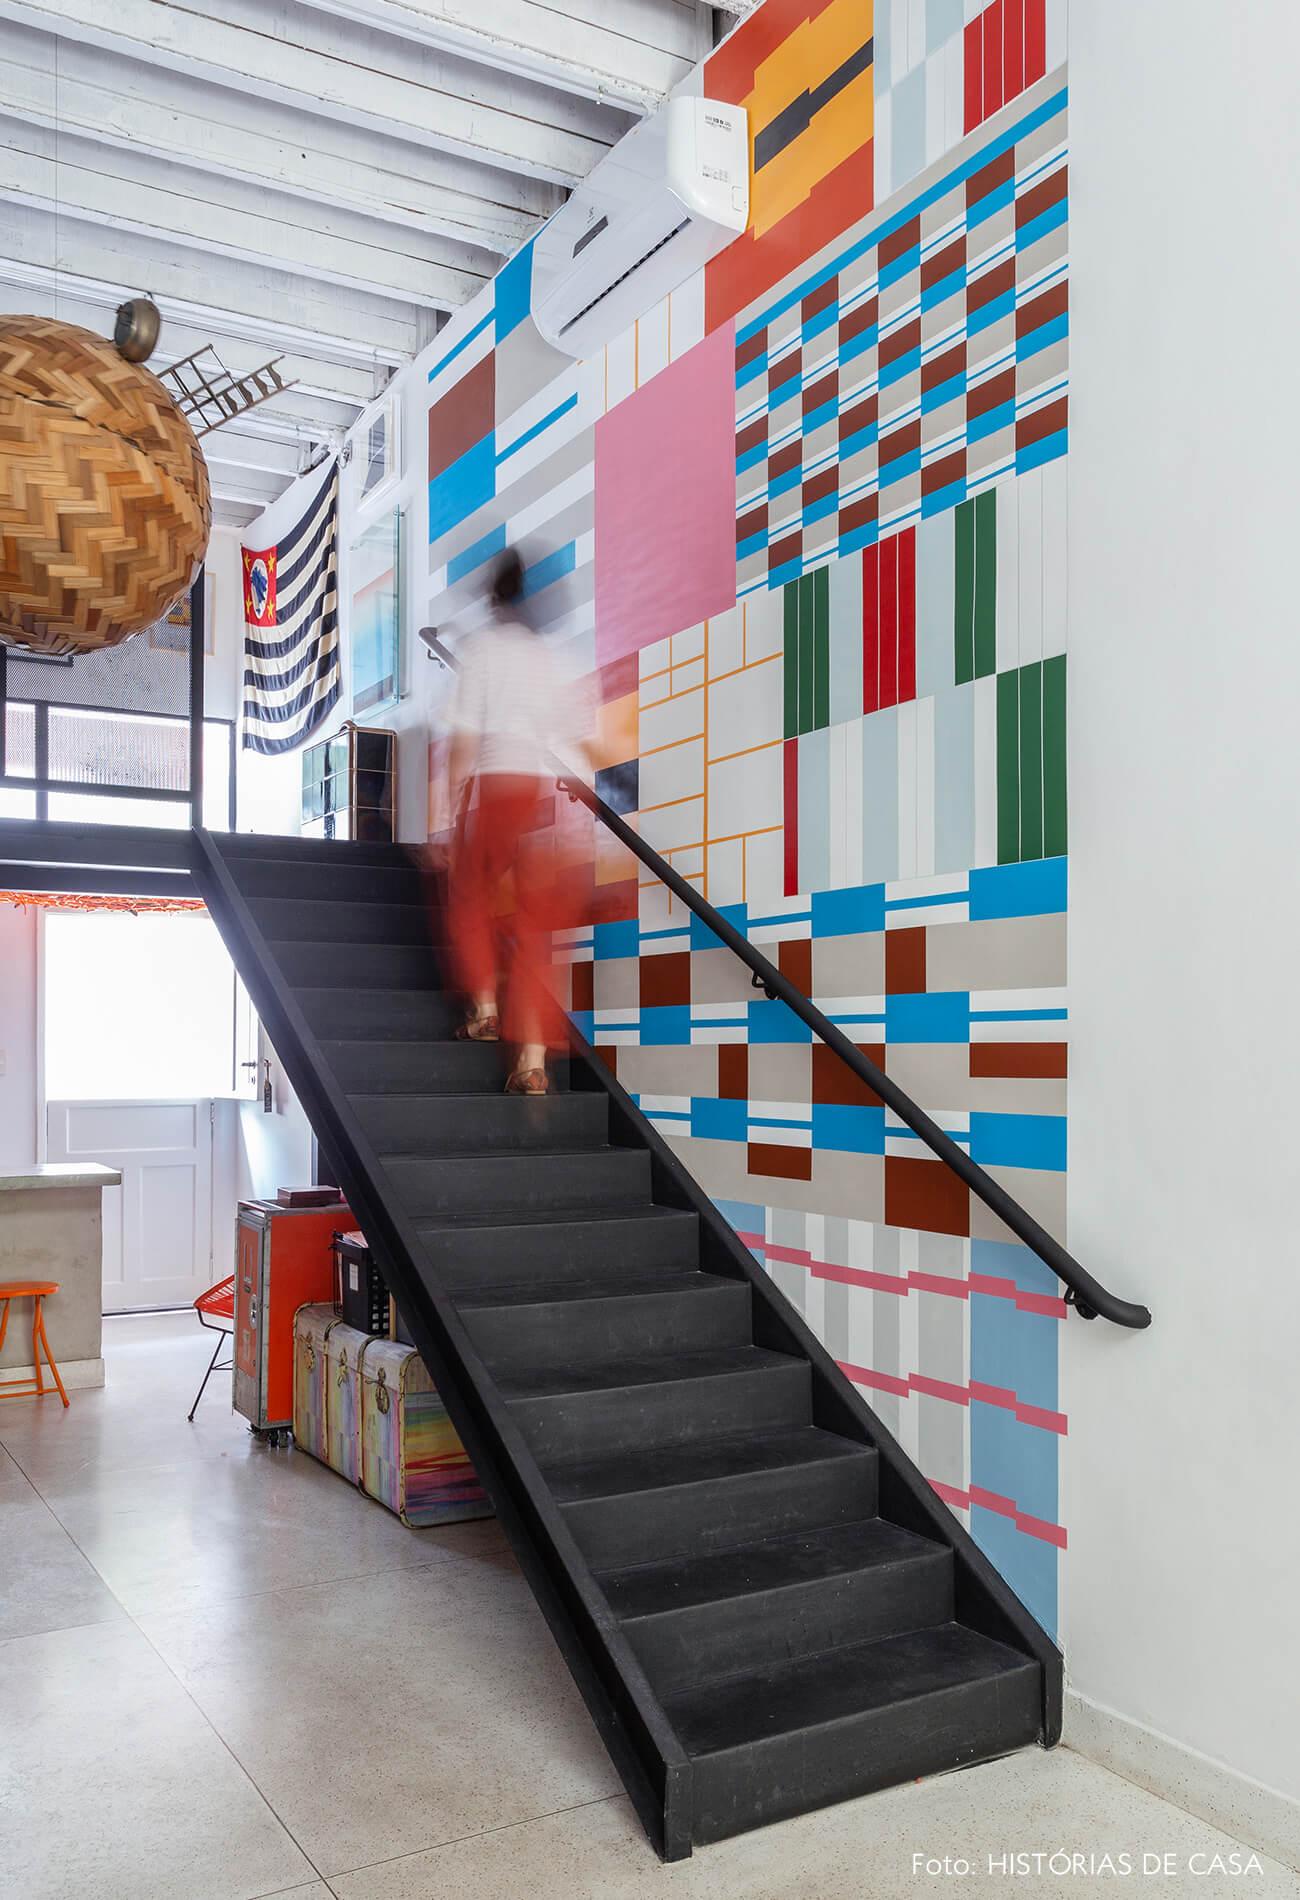 Escada de serralheria preta e adesivo colorido na parede